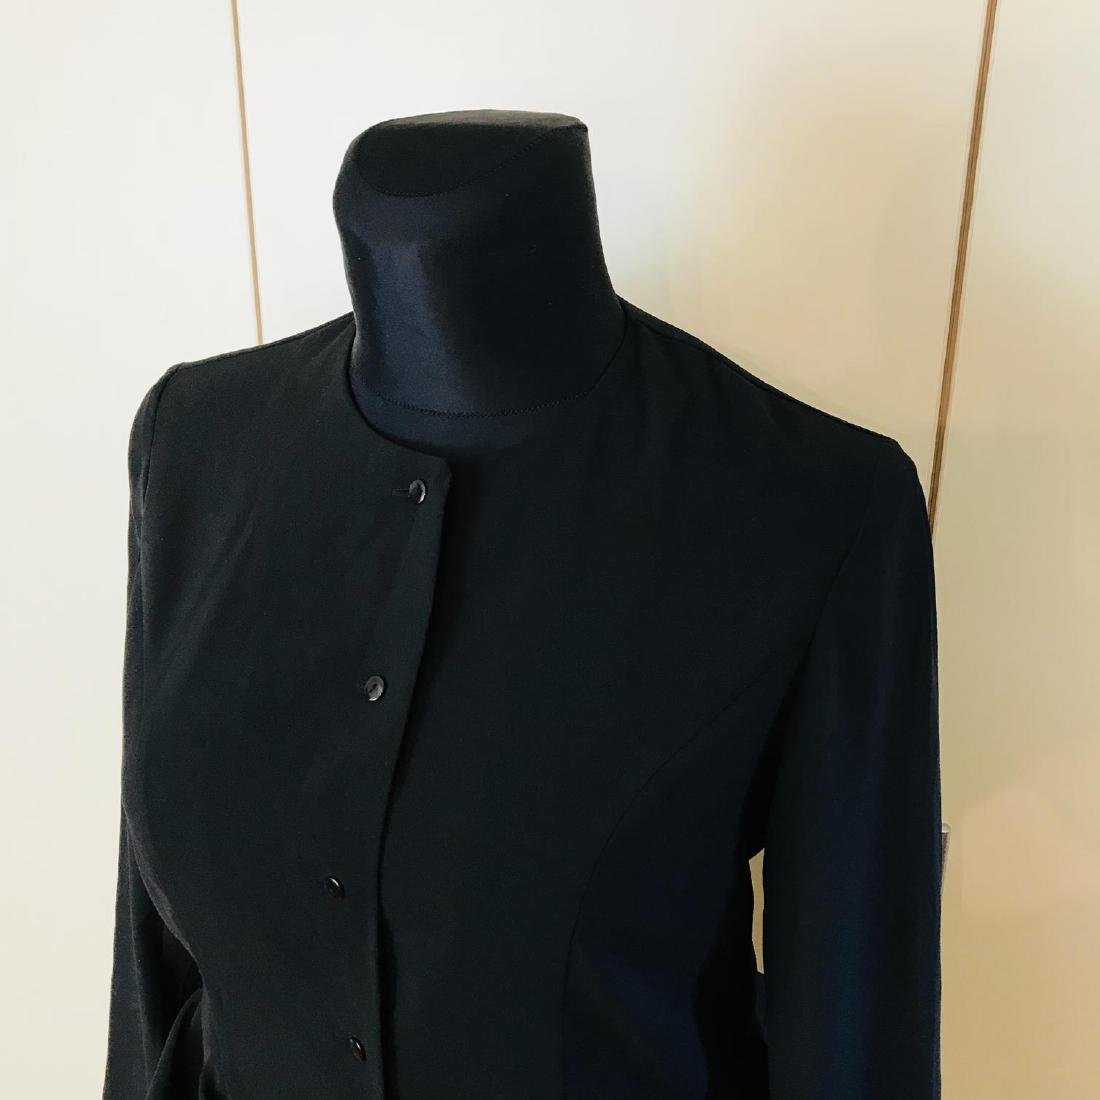 Vintage Women's Black Blouse Shirt Top Size EUR 40 US - 3